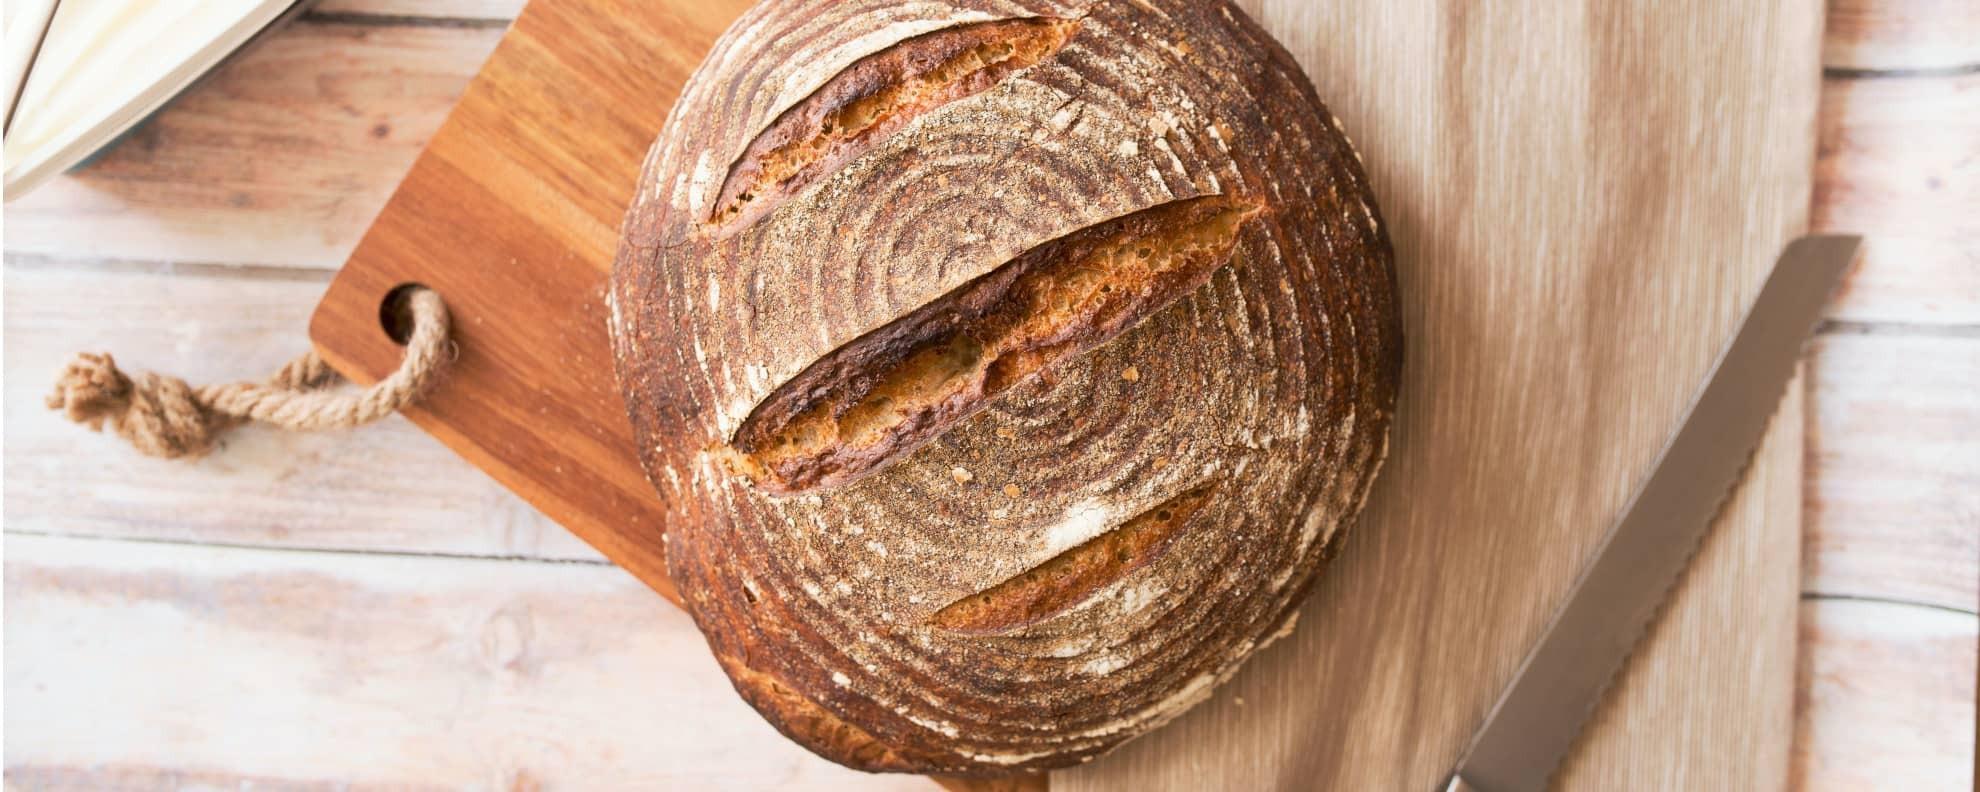 Welches Brot ist basisch?